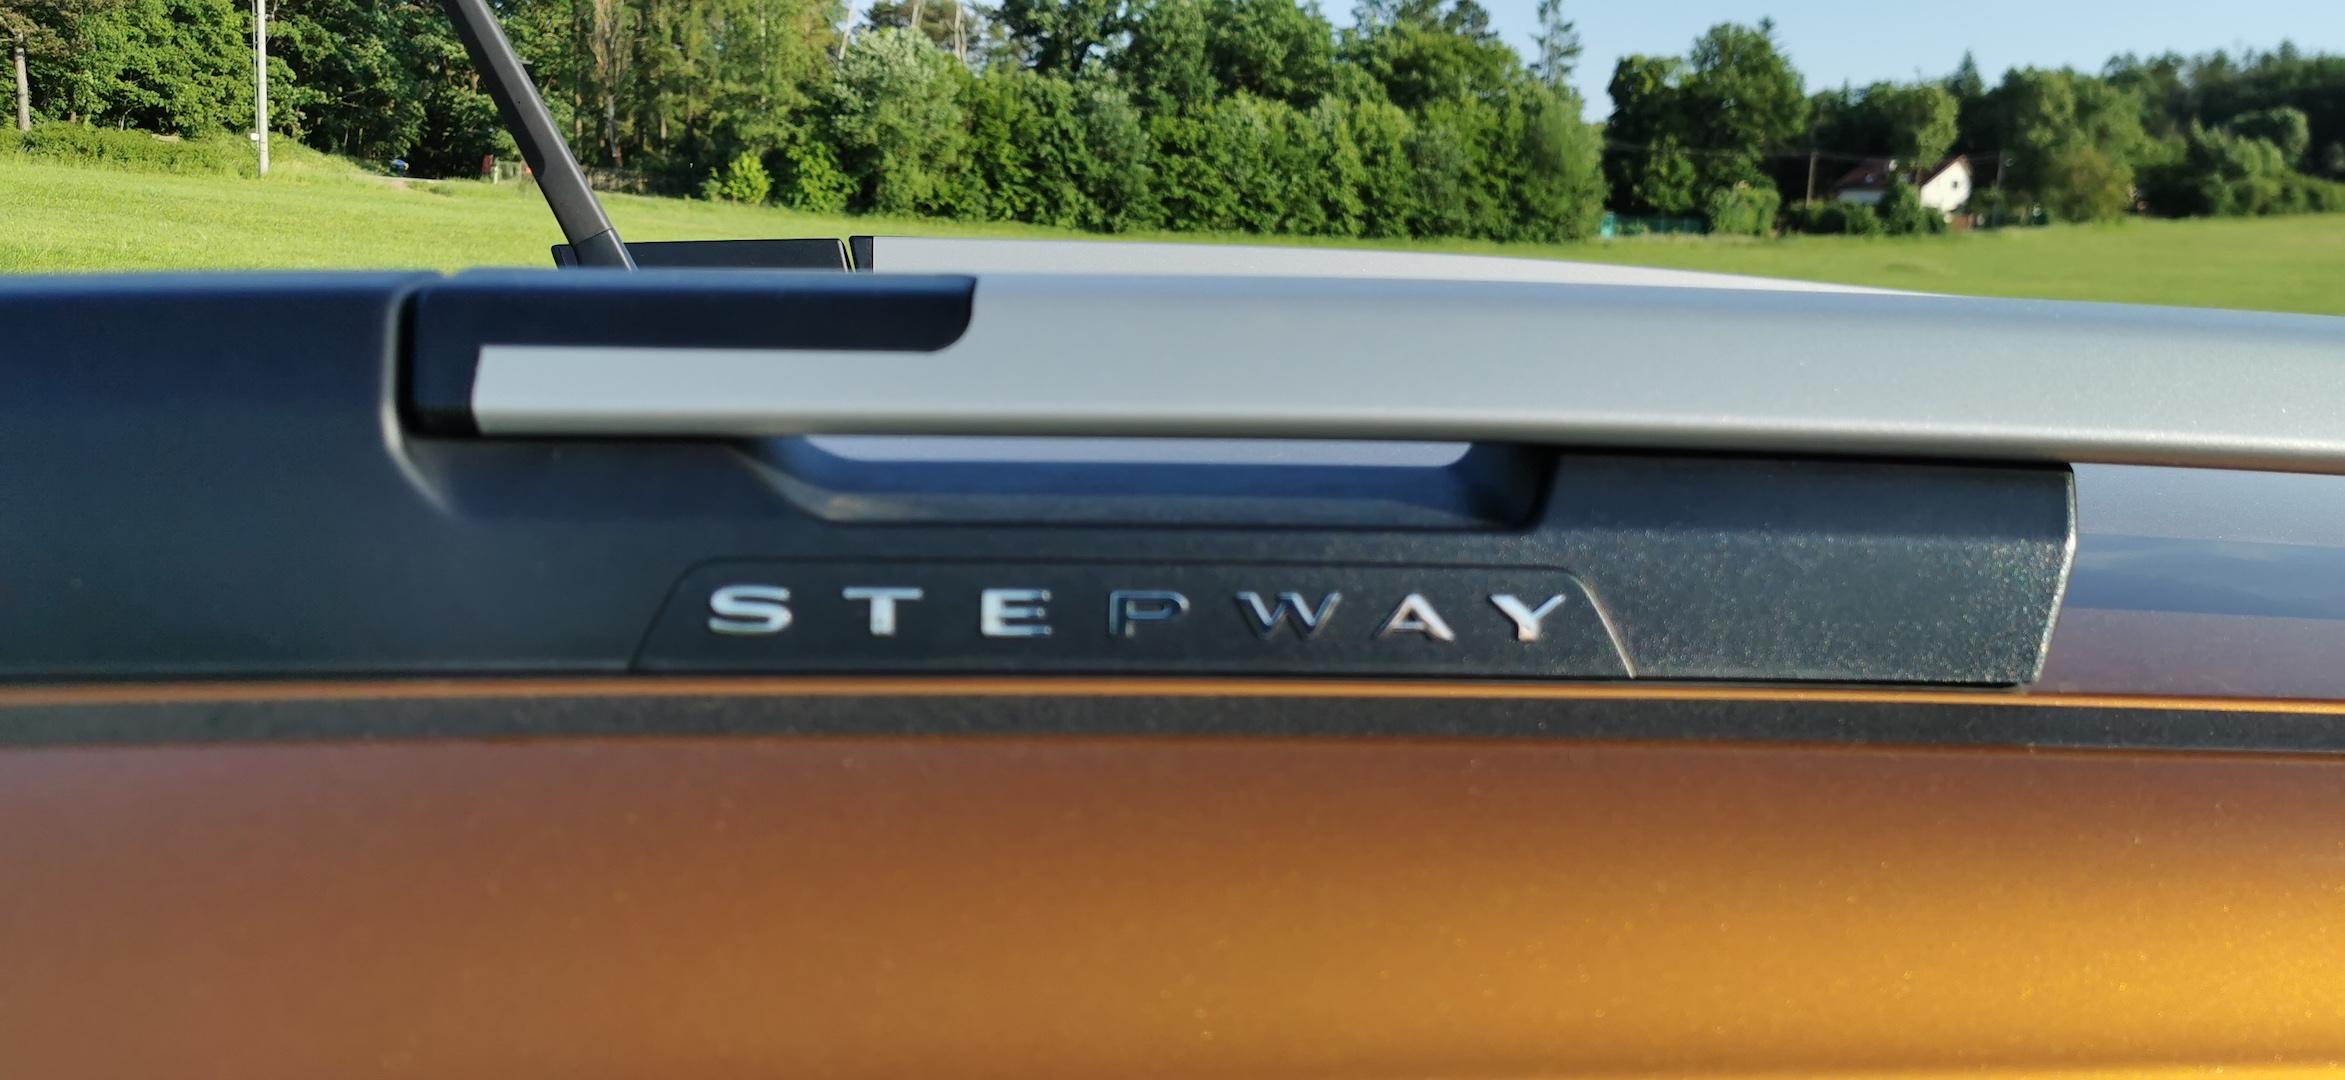 Dacia Sandero Stepway 1,0 TCe LPG - střešní nosič